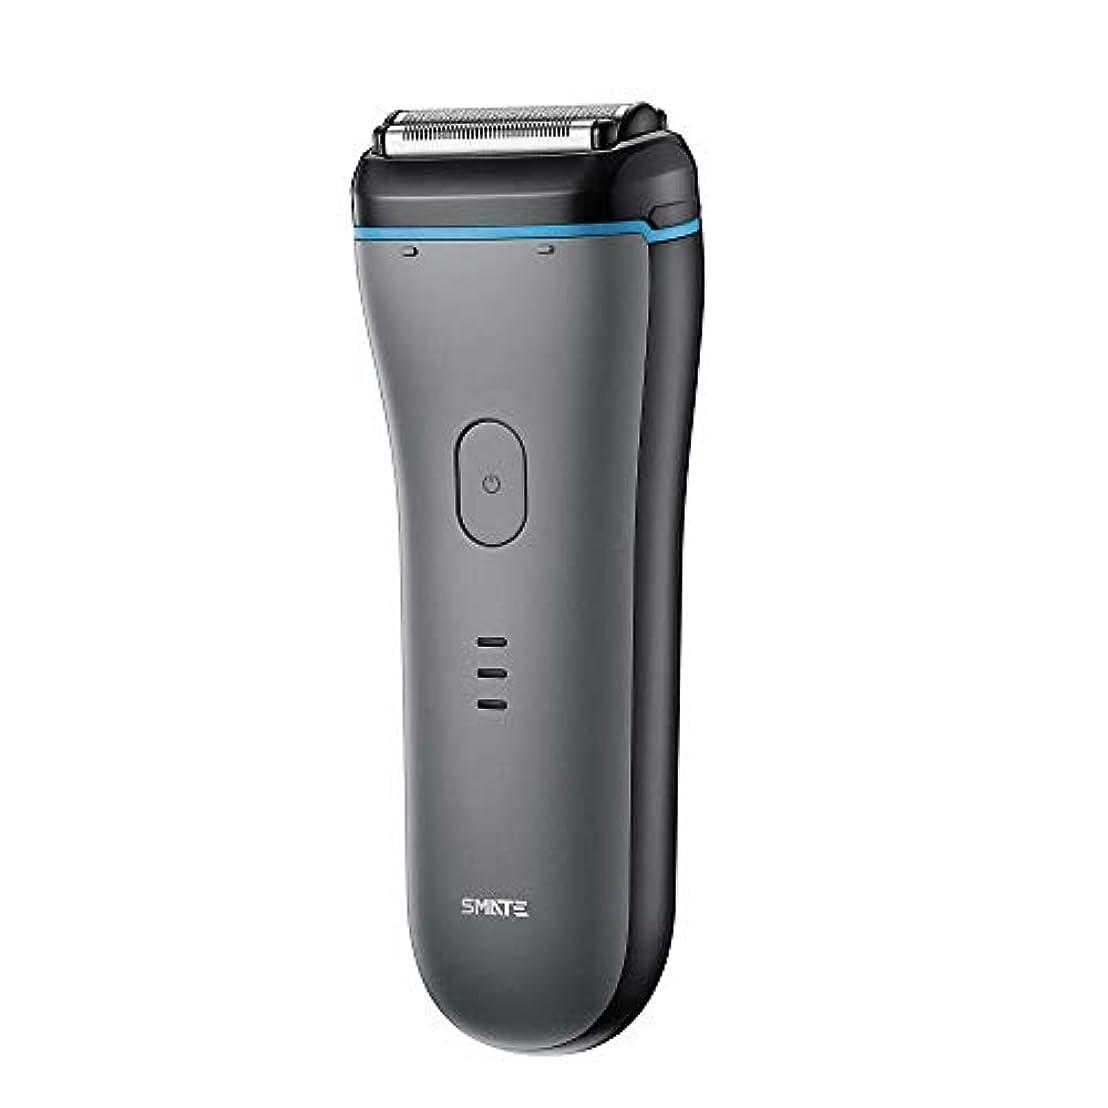 王朝石ご意見SMATE ひげそり メンズ電気シェーパー 三枚刃往復式 USB充電式 電動髭剃り IPX7防水仕様 水洗い可 お風呂剃り可 乾湿両用-ブラック